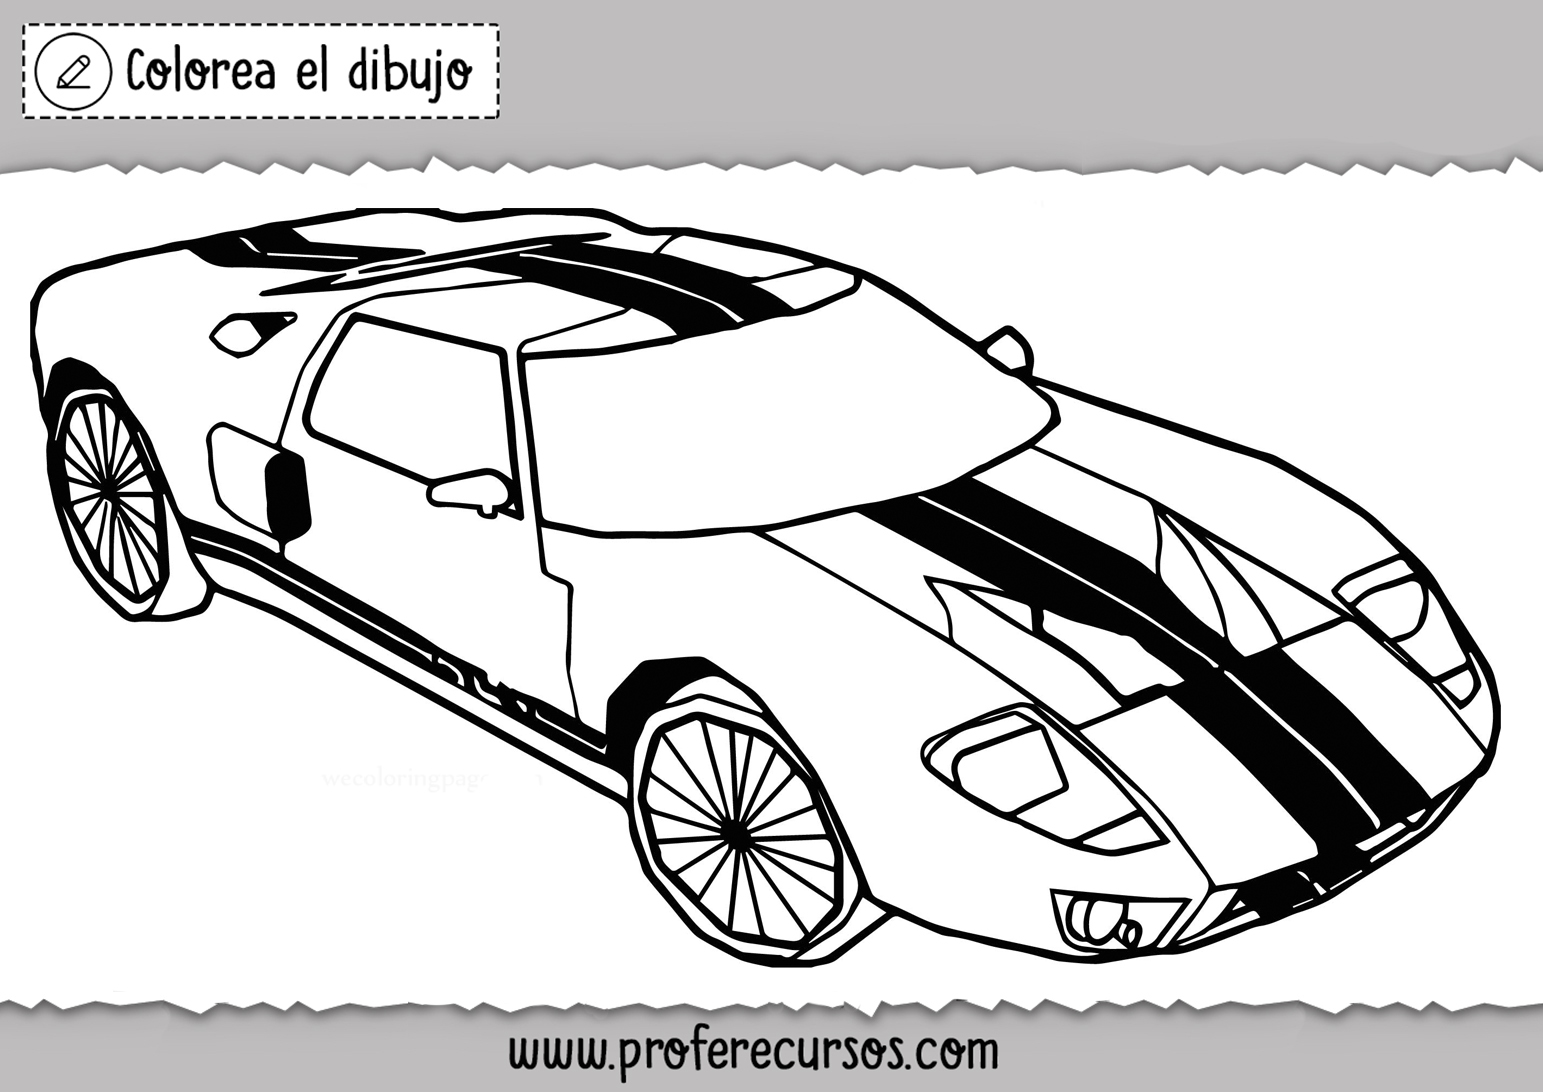 Dibujos de Carros de carreras para colorear